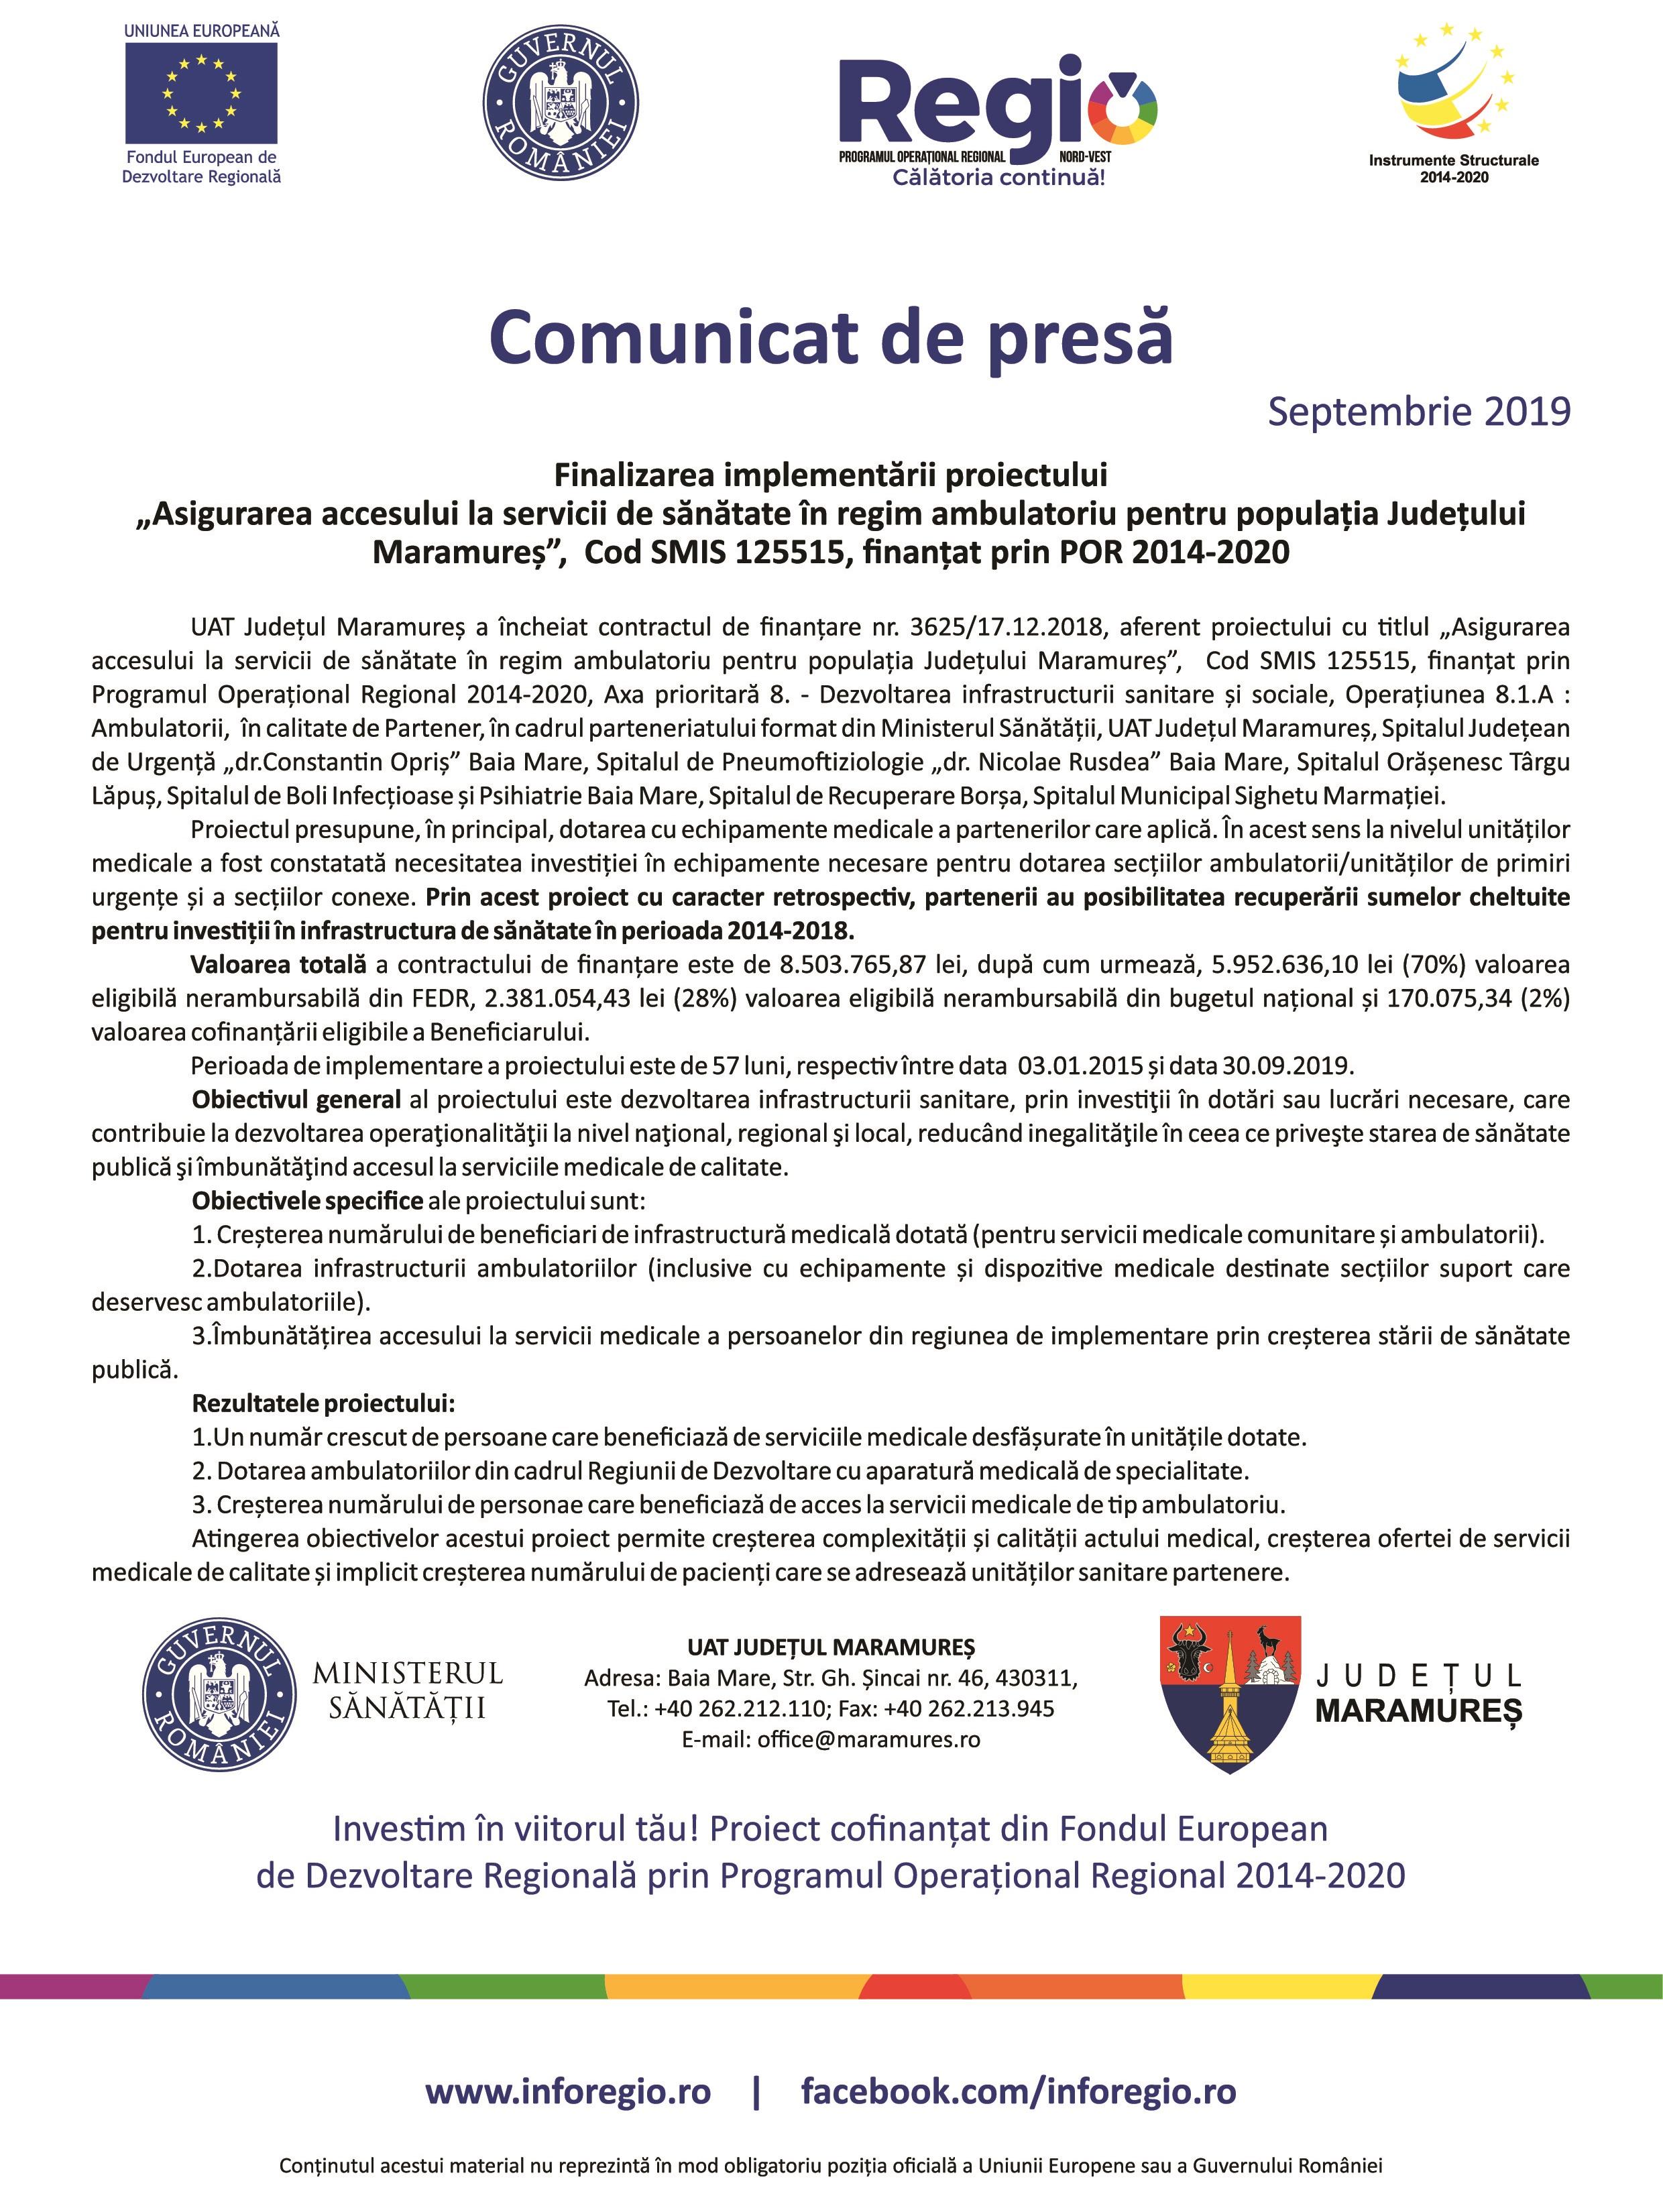 """Finalizarea implementării proiectului """"Asigurarea accesului la servicii de sănătate în regim ambulatoriu pentru populația judetului Maramureș, finantat prin POR 2014-2020"""